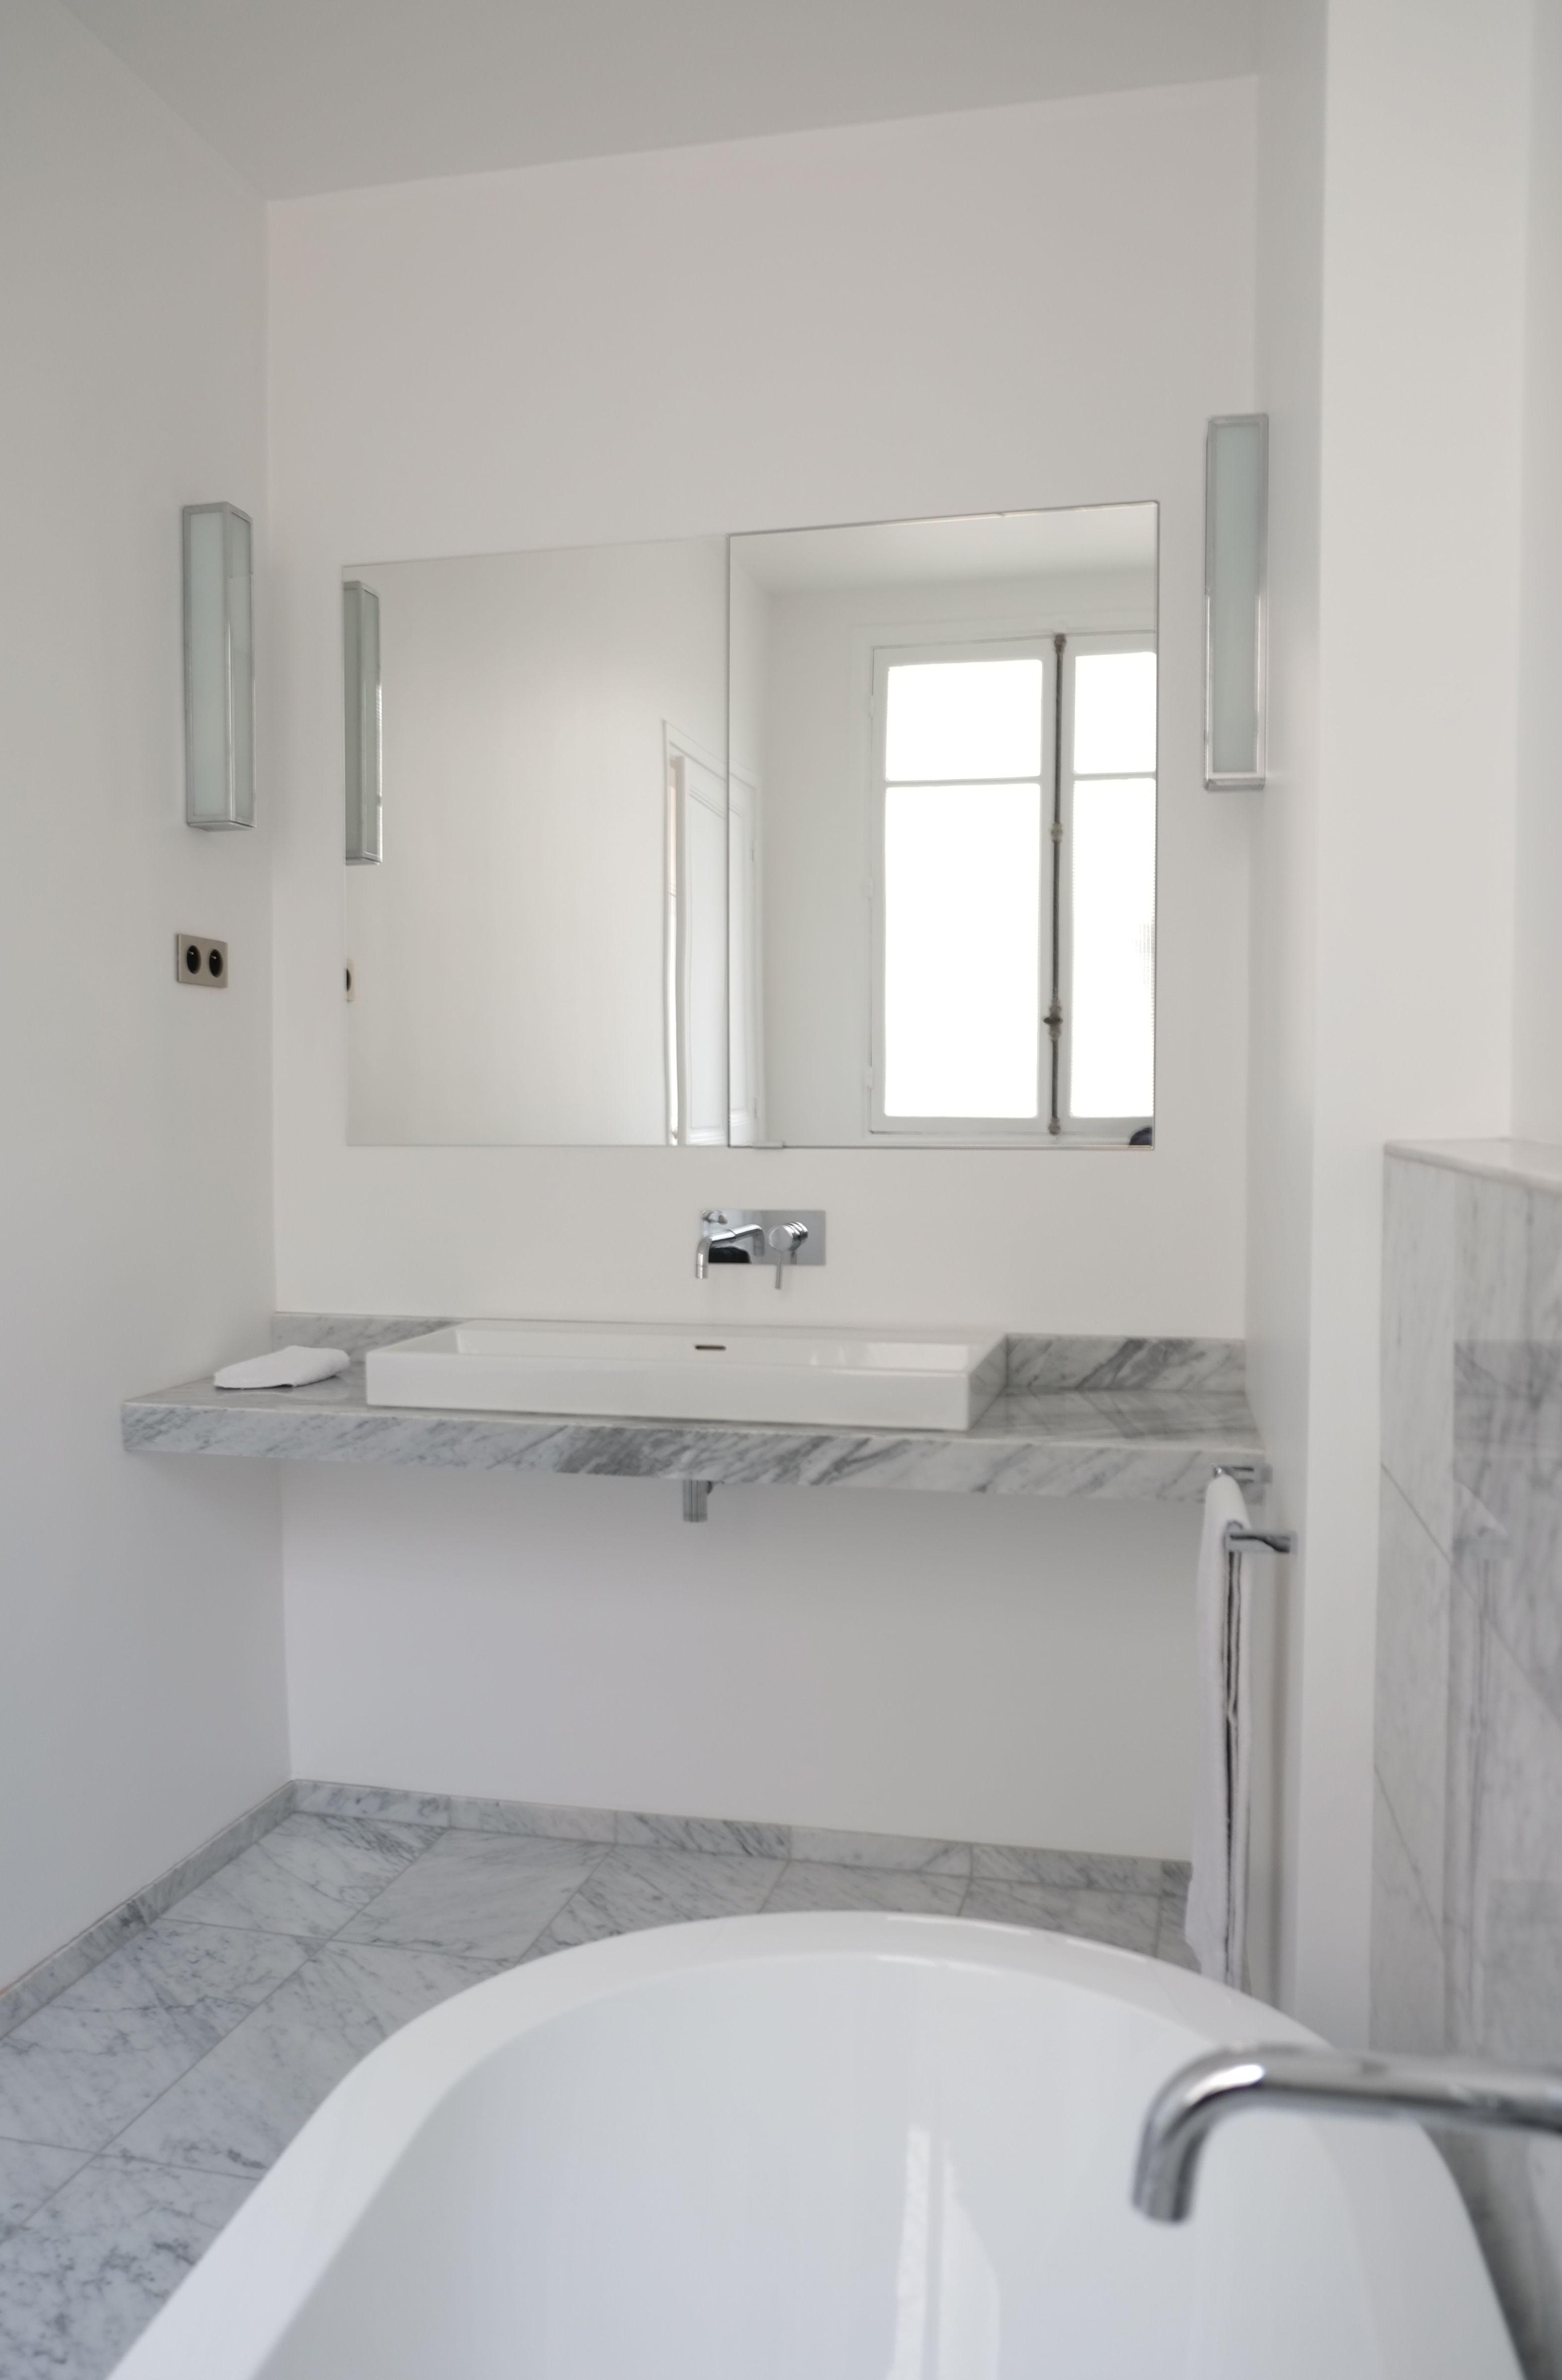 Salle De Bain Marbre De Carrare kevin velghe , atelier kva salle de bain en marbre de